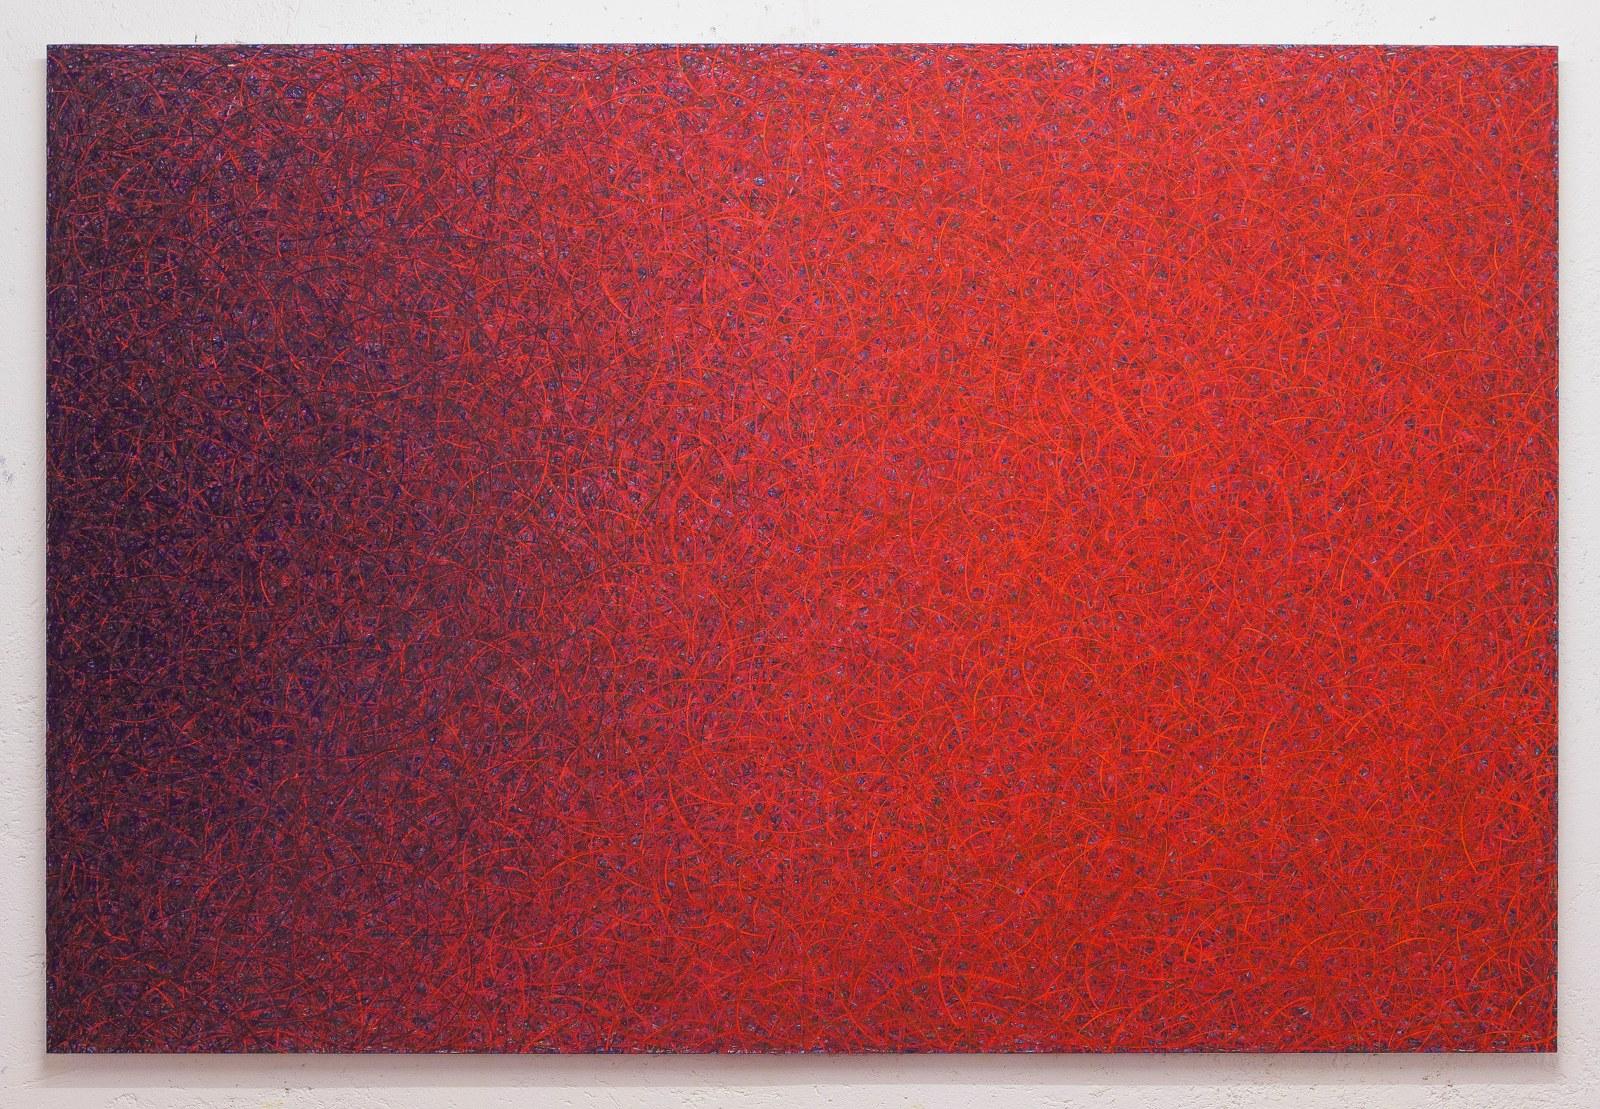 Luca Macauda, untitled, 136x205cm, pastello morbido su tela, 2014